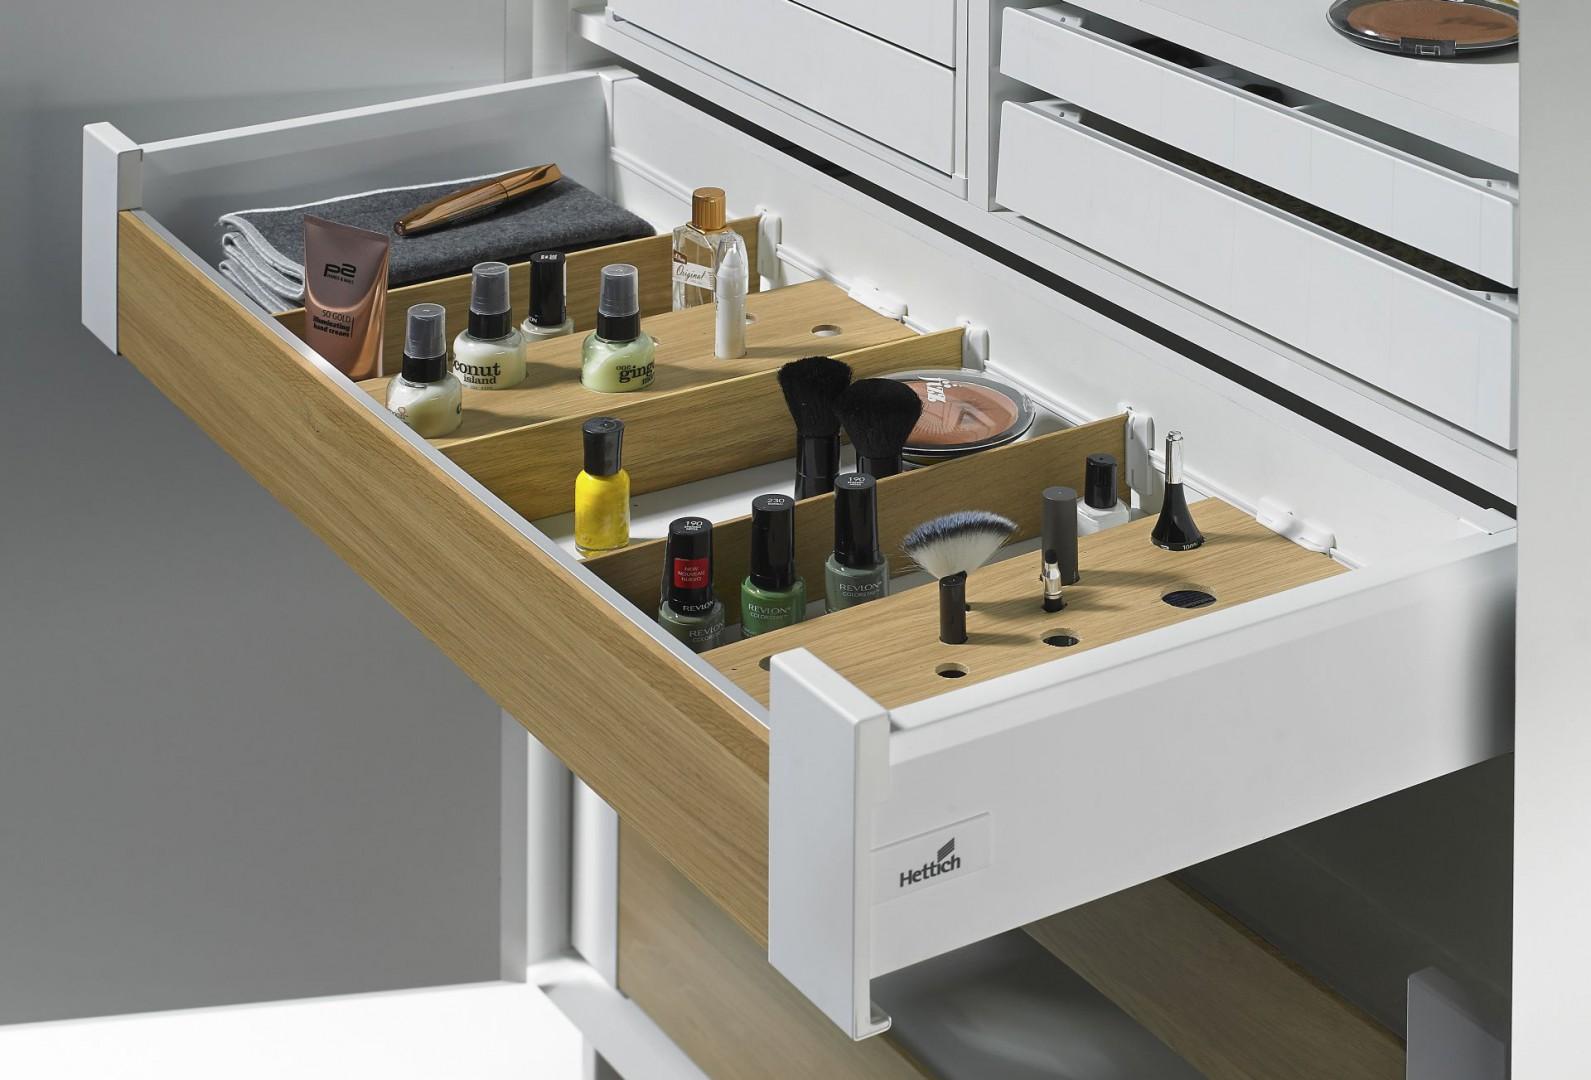 W szufladach ArciTech firmy Hettich wyposażonych w system OrgaStripe można ustawić buteleczki i tubki w specjalnych przegródkach wykonanych przez stolarza. Fot. Hettich